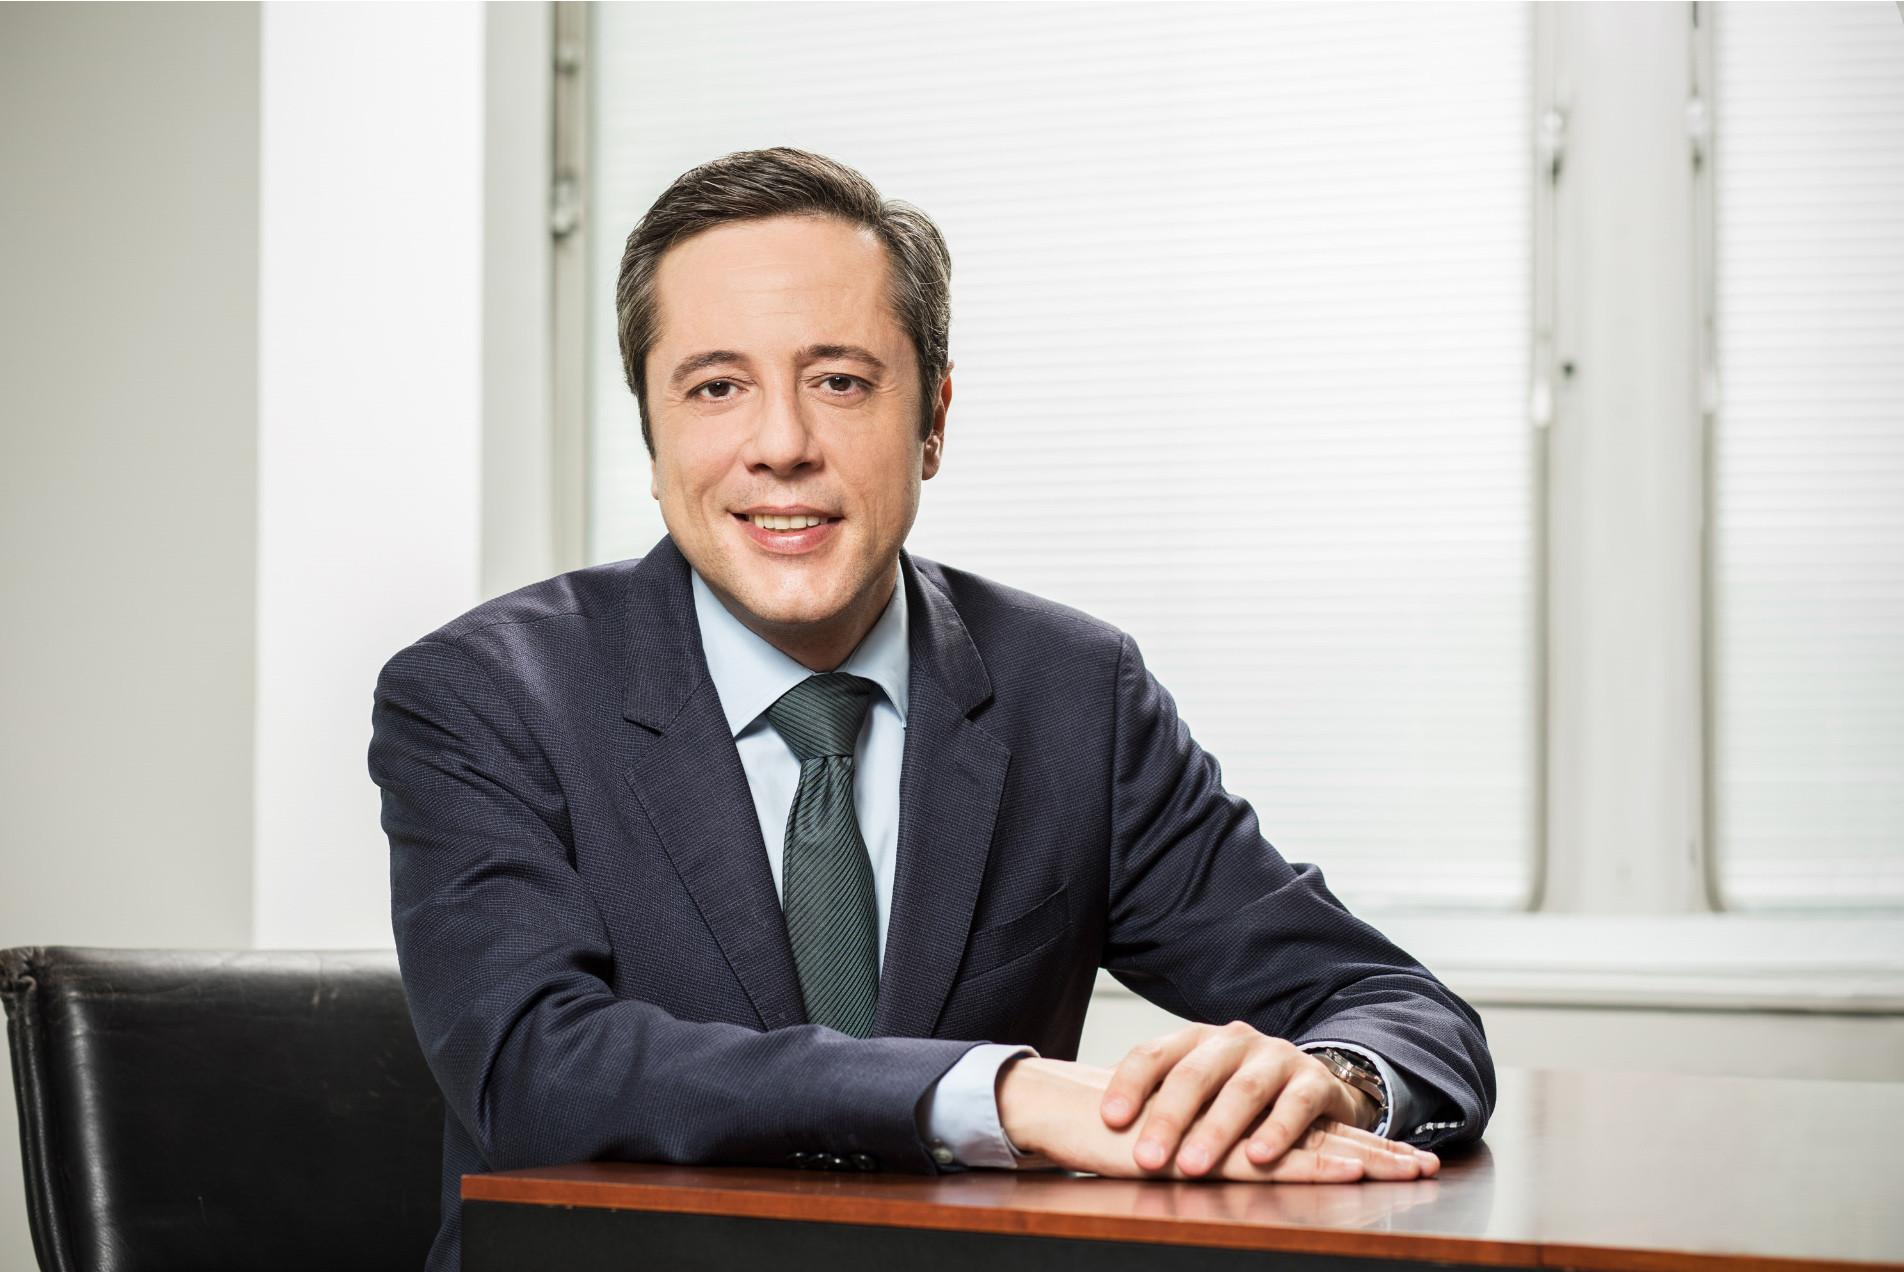 José Bayón Enisa